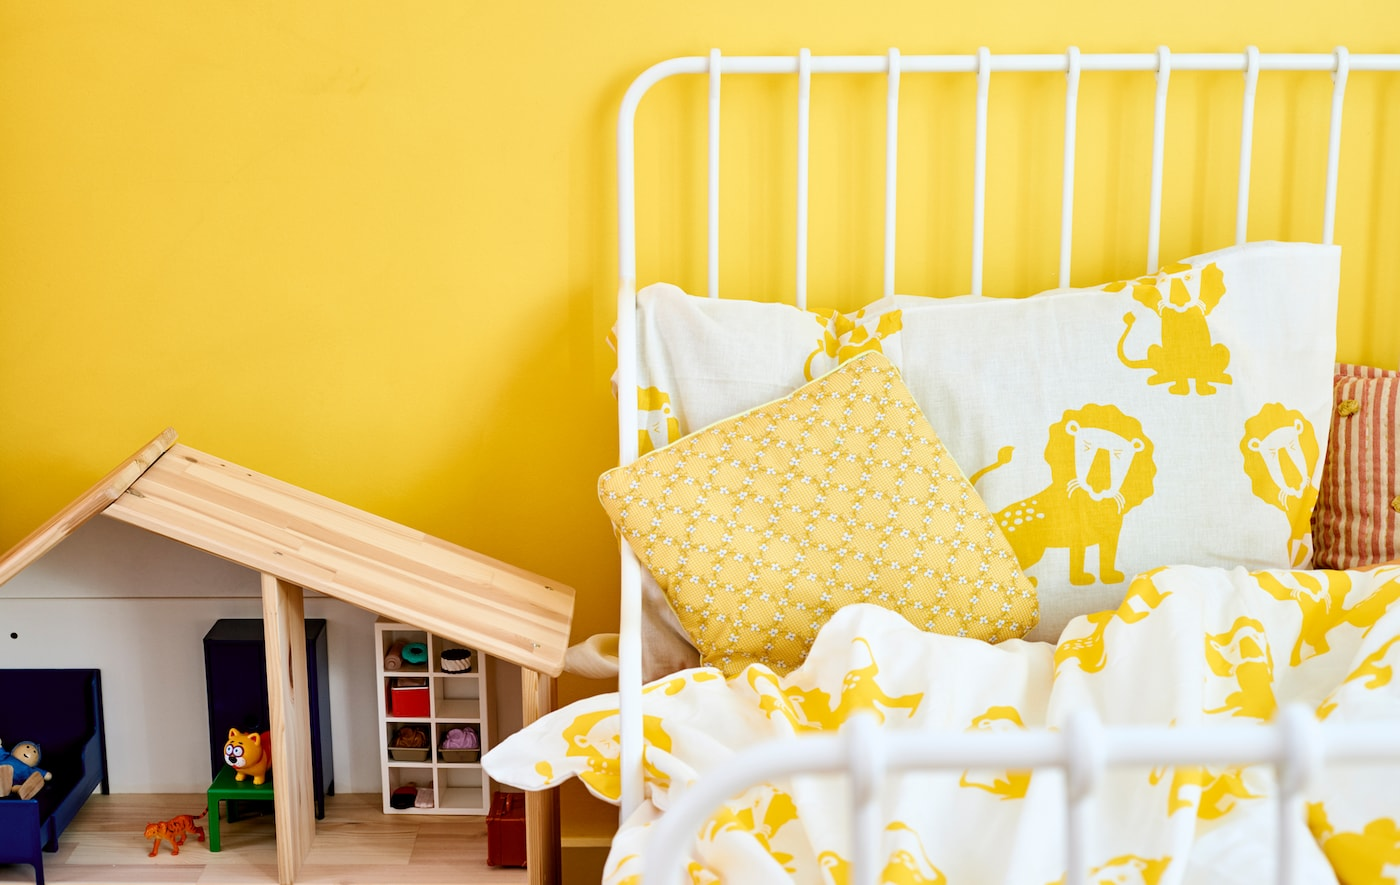 Struttura letto bianca, federe e copriletto bianchi con leoni gialli e una casa delle bambole in legno sullo sfondo di una parete gialla - IKEA